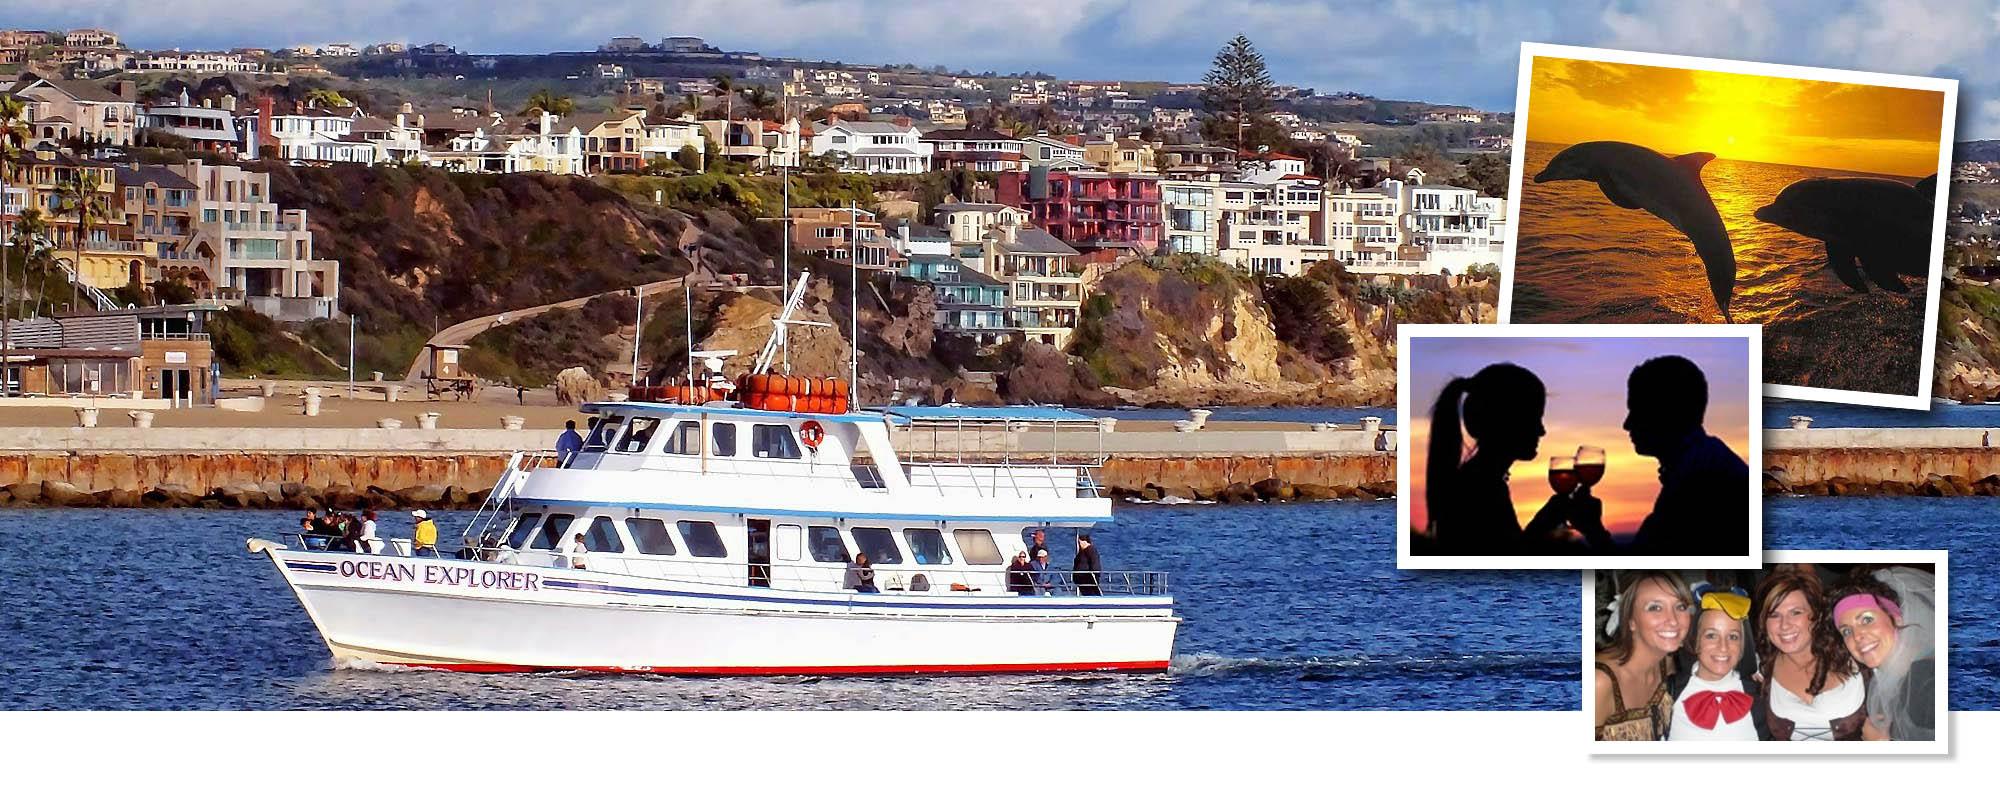 newportbeach-boat-rentals